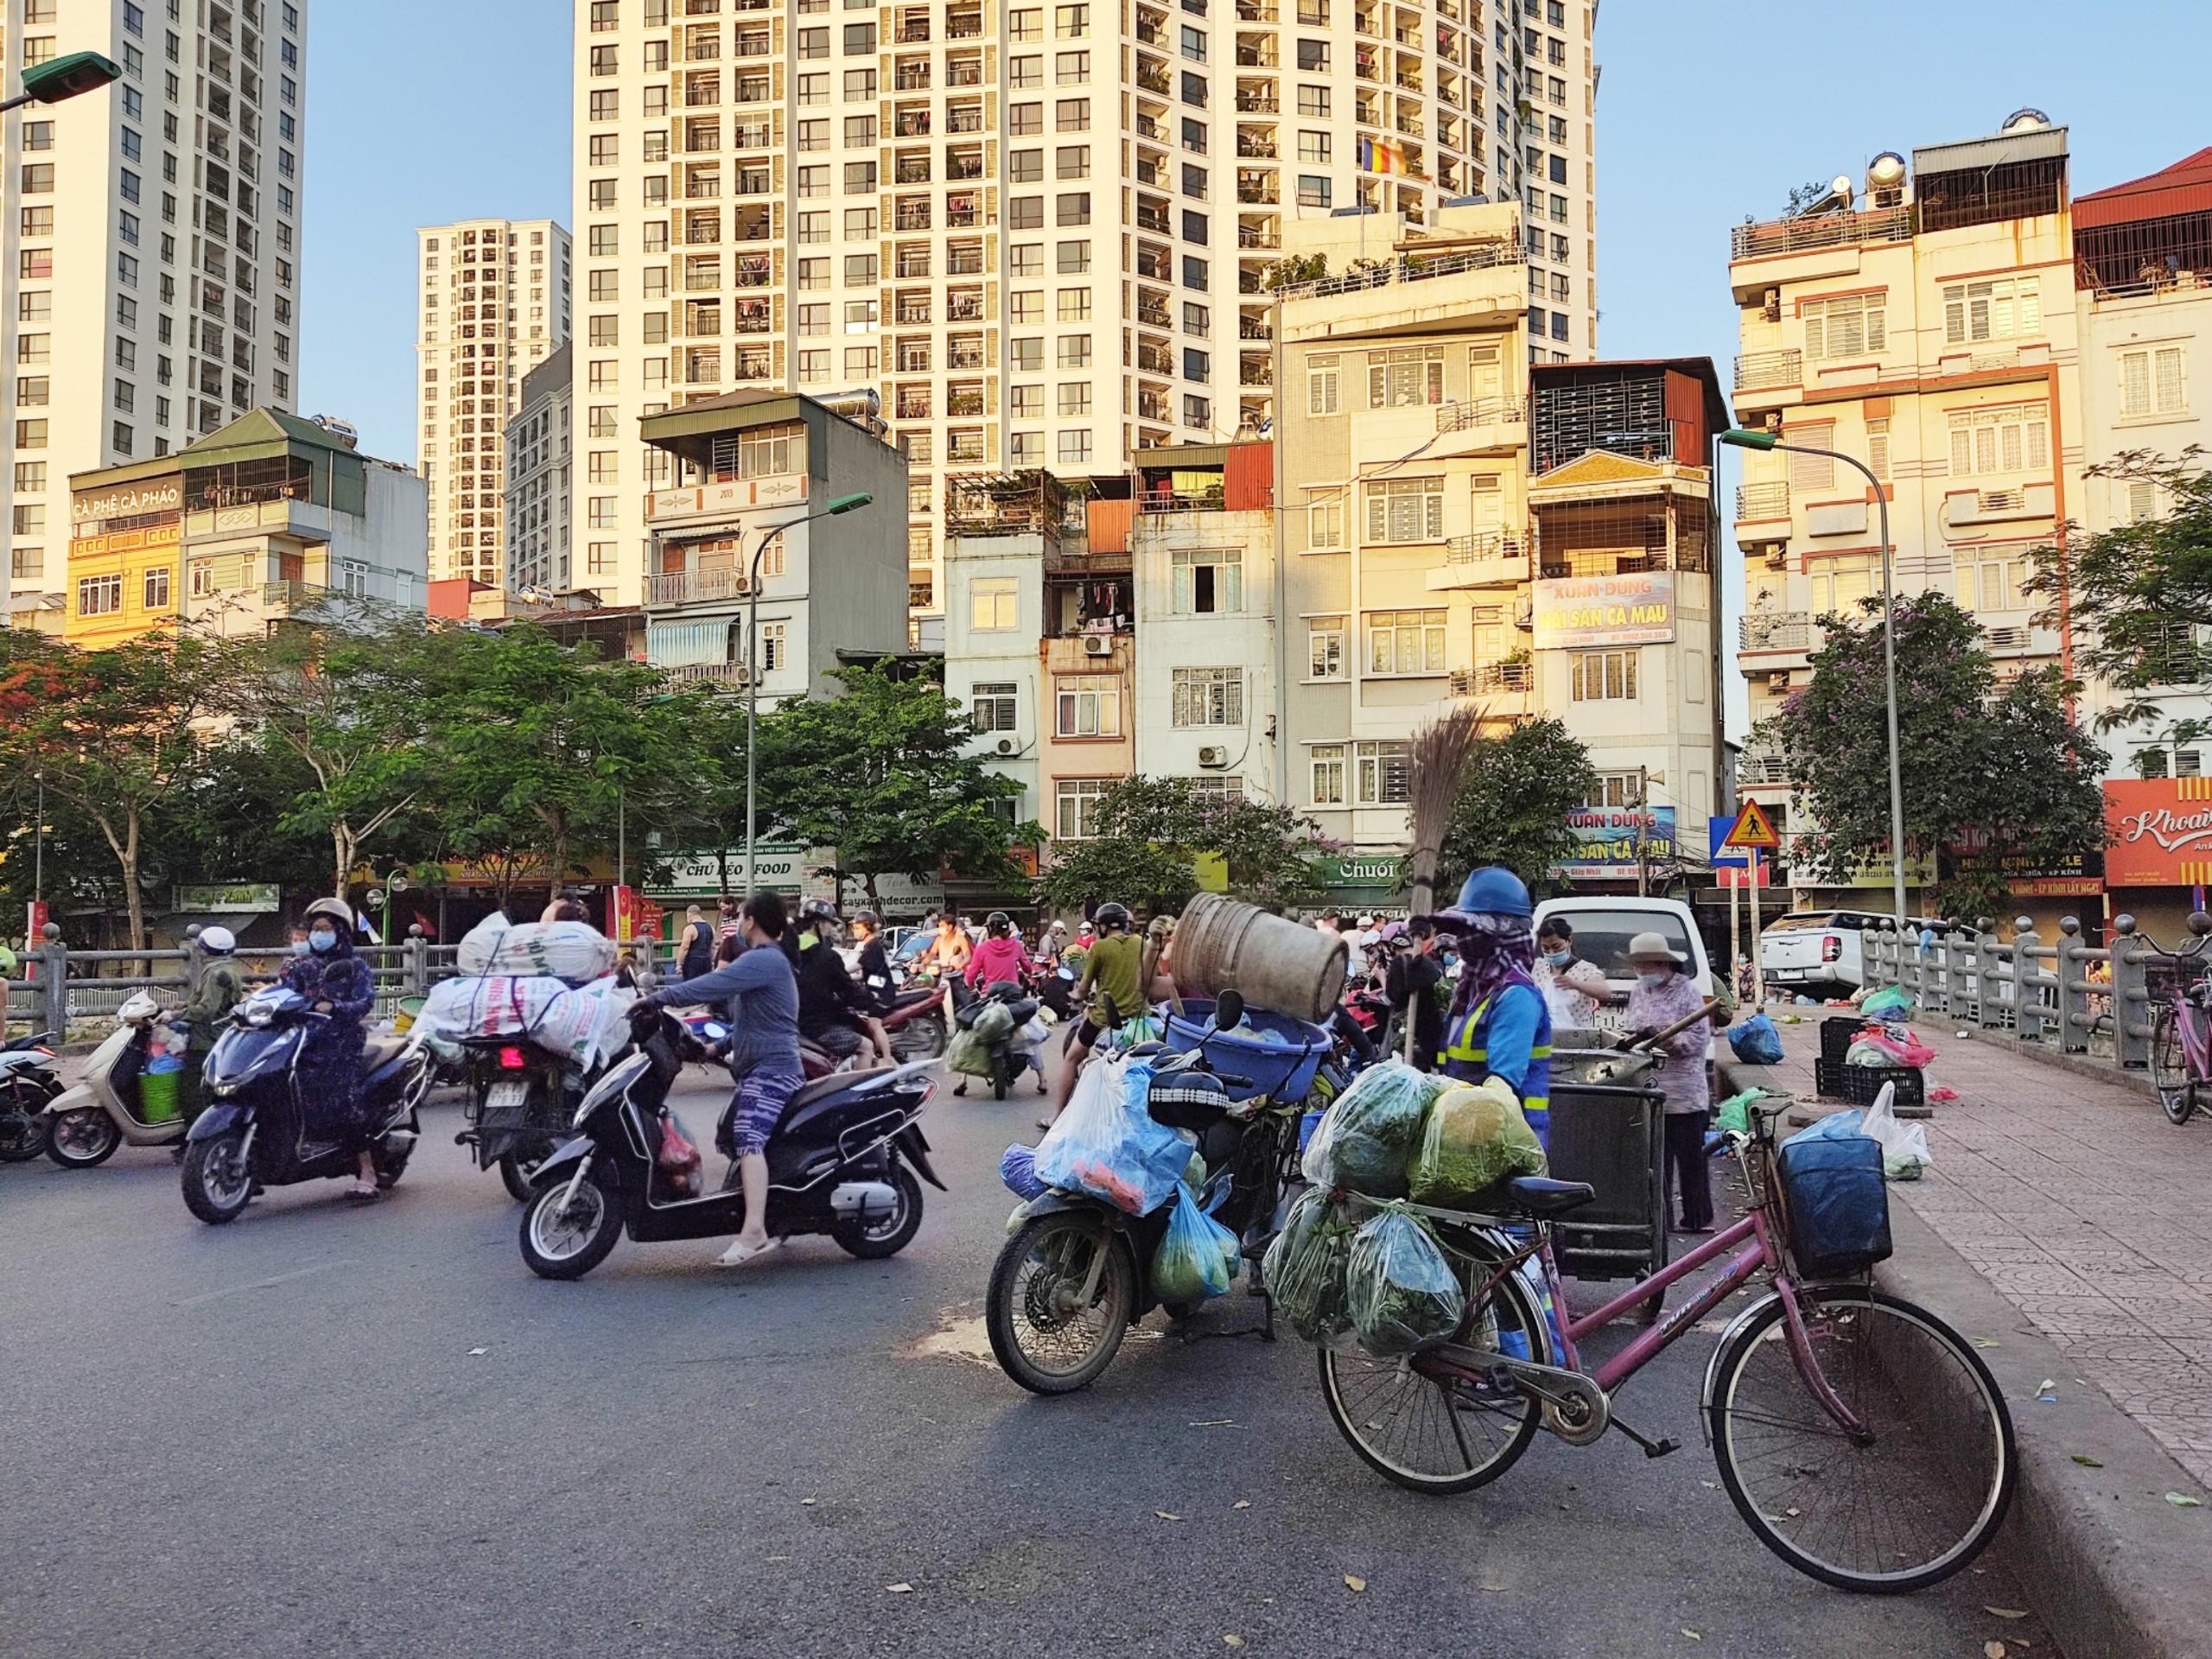 Chợ cóc, chợ tạm ở Hà Nội vẫn hoạt động bất chấp lệnh cấm - Ảnh 1.